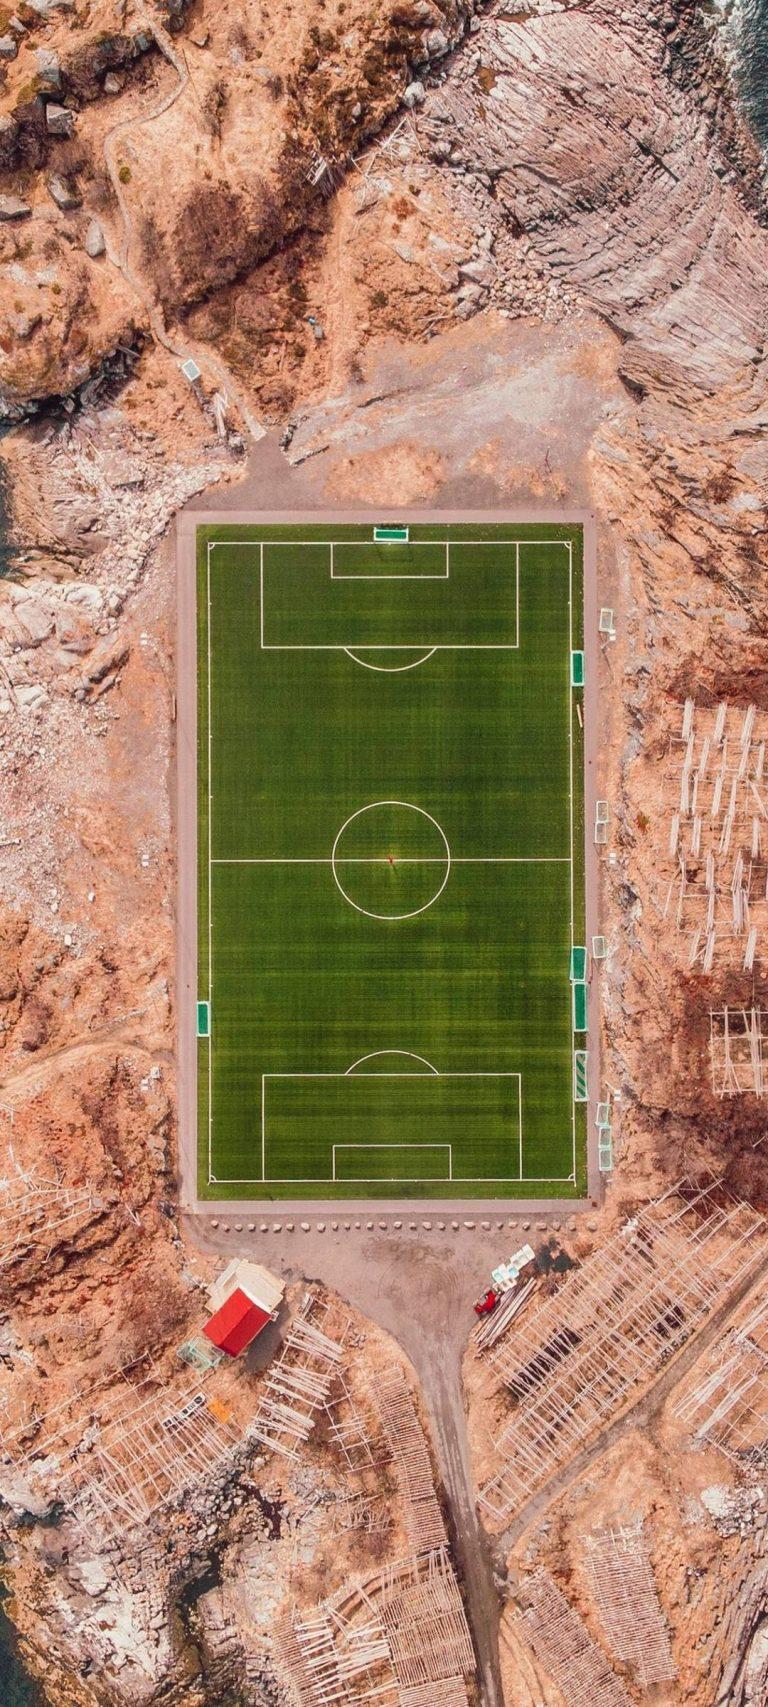 Football Field Island Sports 1080x2400 768x1707